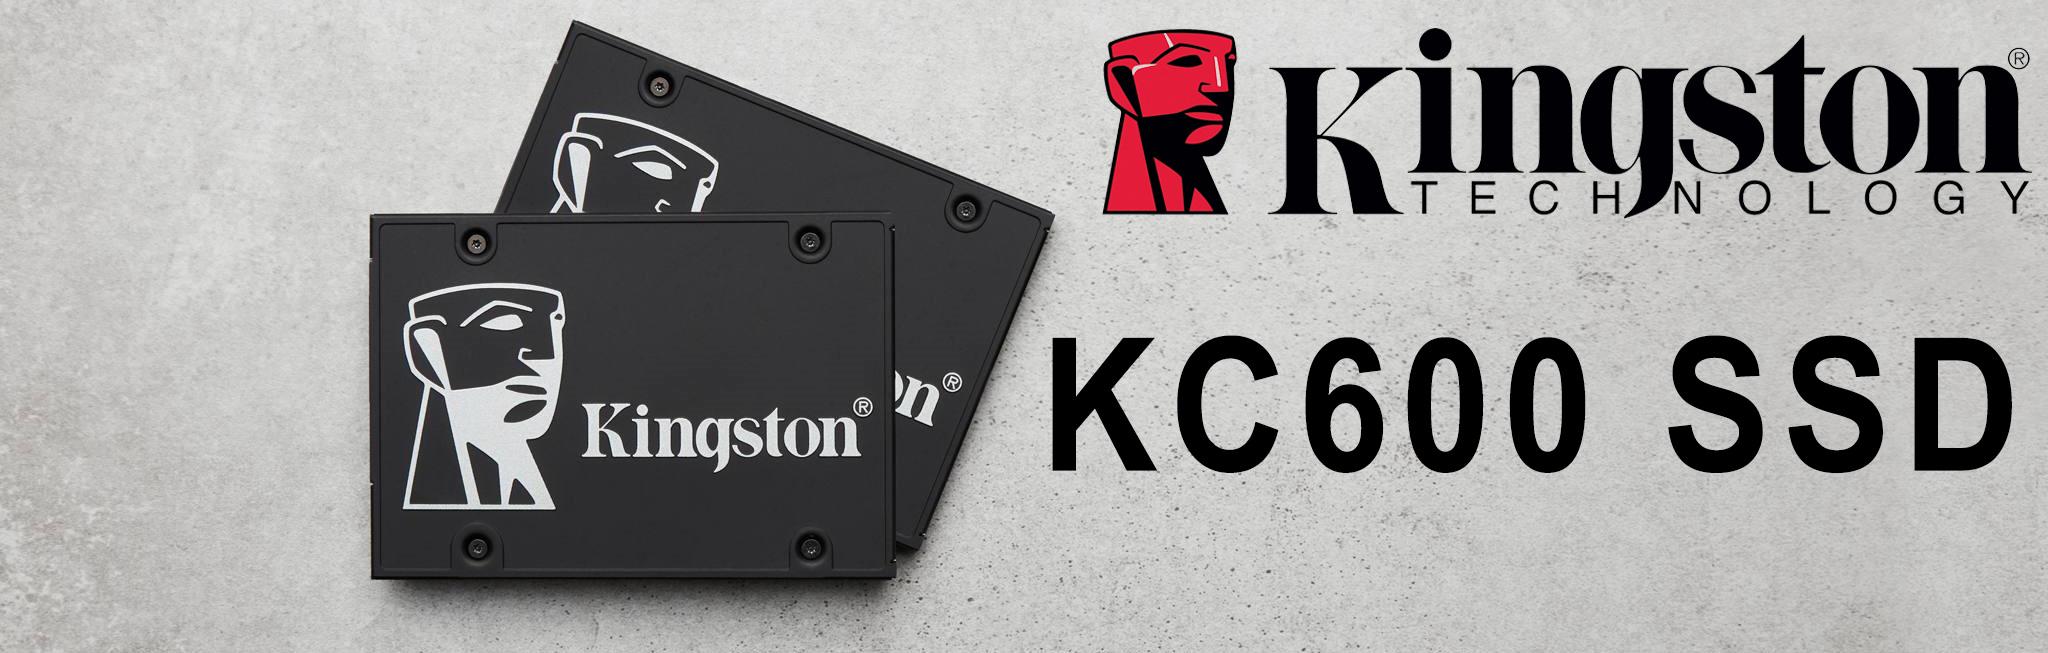 kc600-banner1.jpg?v=1573013055712